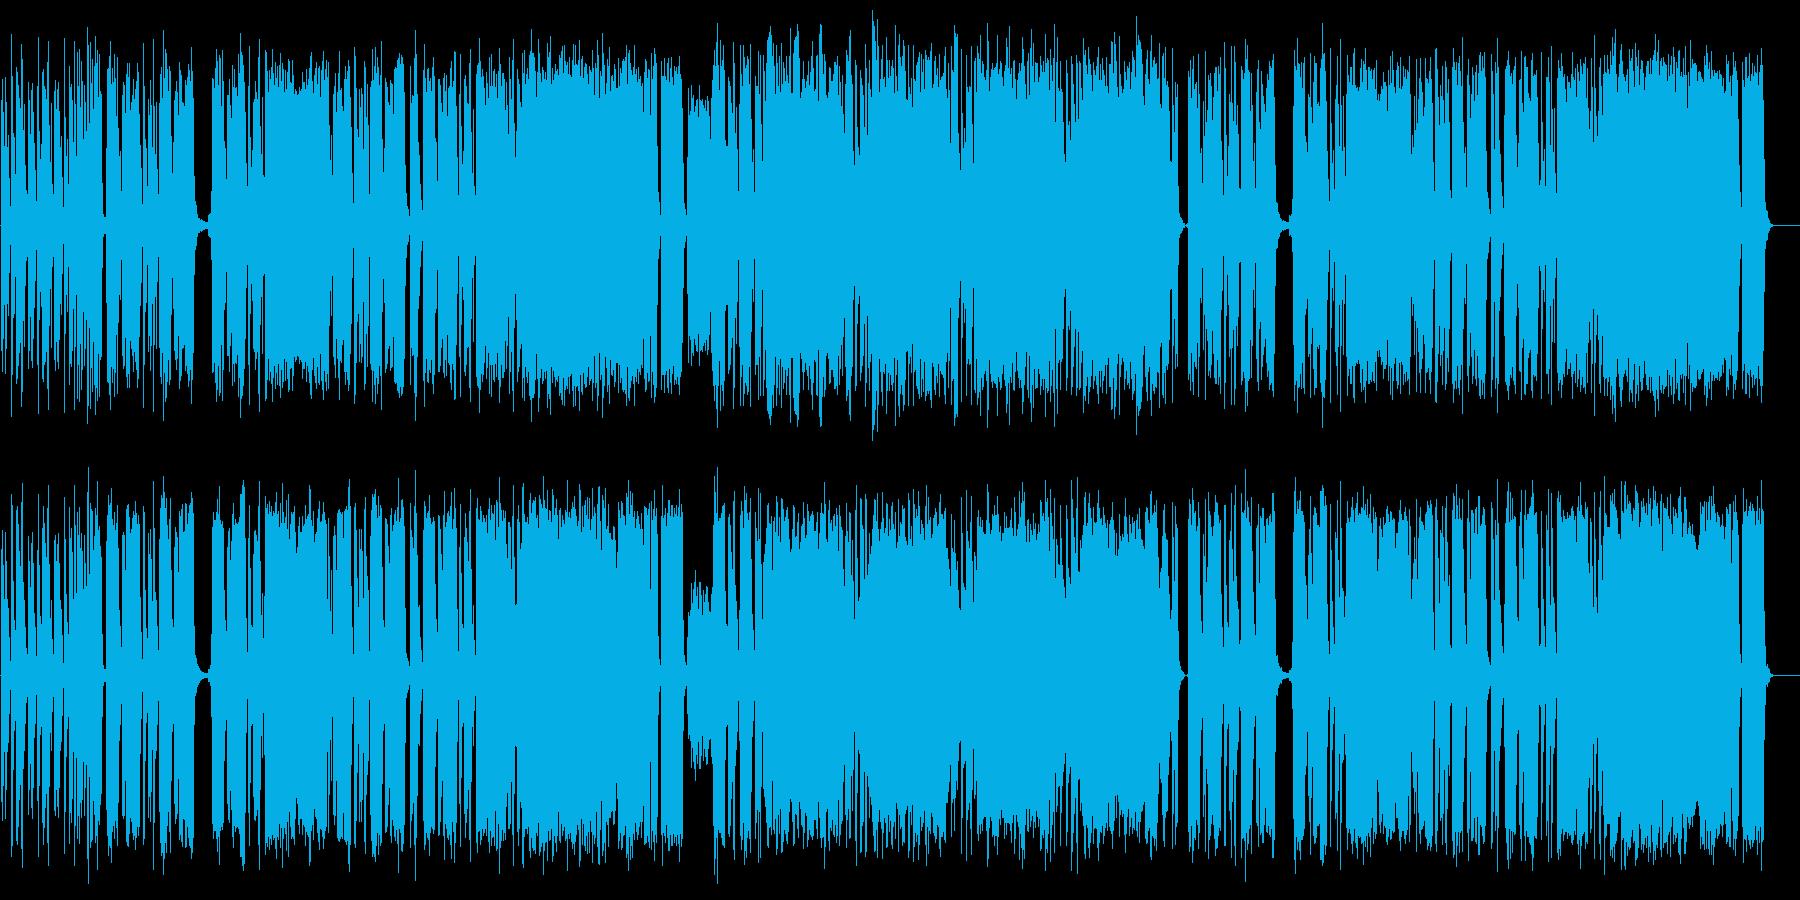 ノリノリのロックミュージックの再生済みの波形